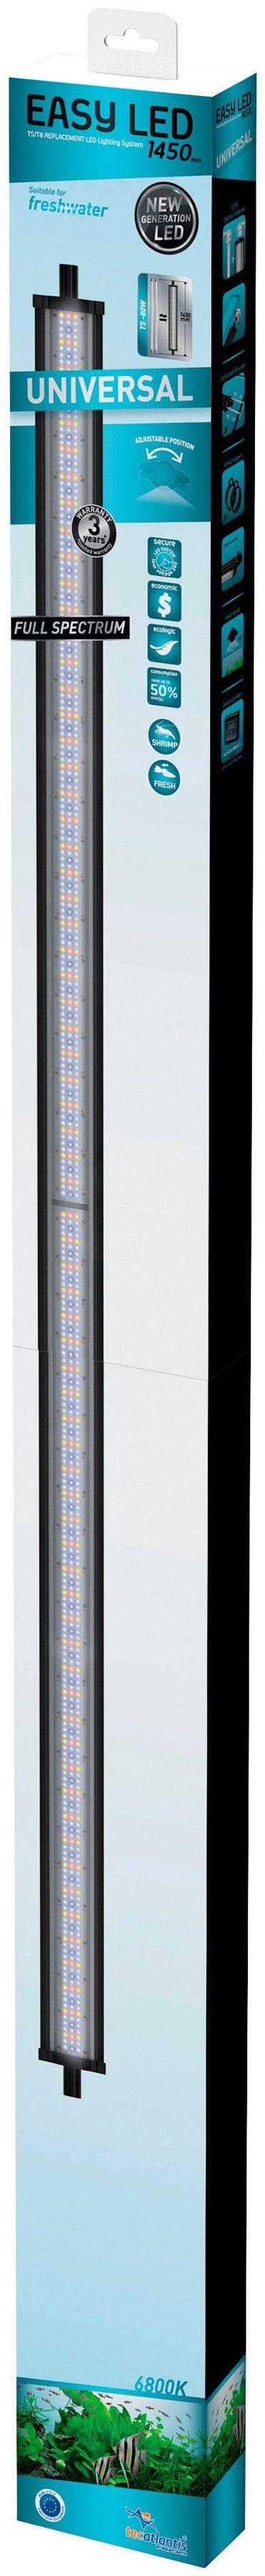 AQUATLANTIS Aquarium LED-Beleuchtung »Easy LED Universal Süßwasser«, 72 Watt / 1450 mm